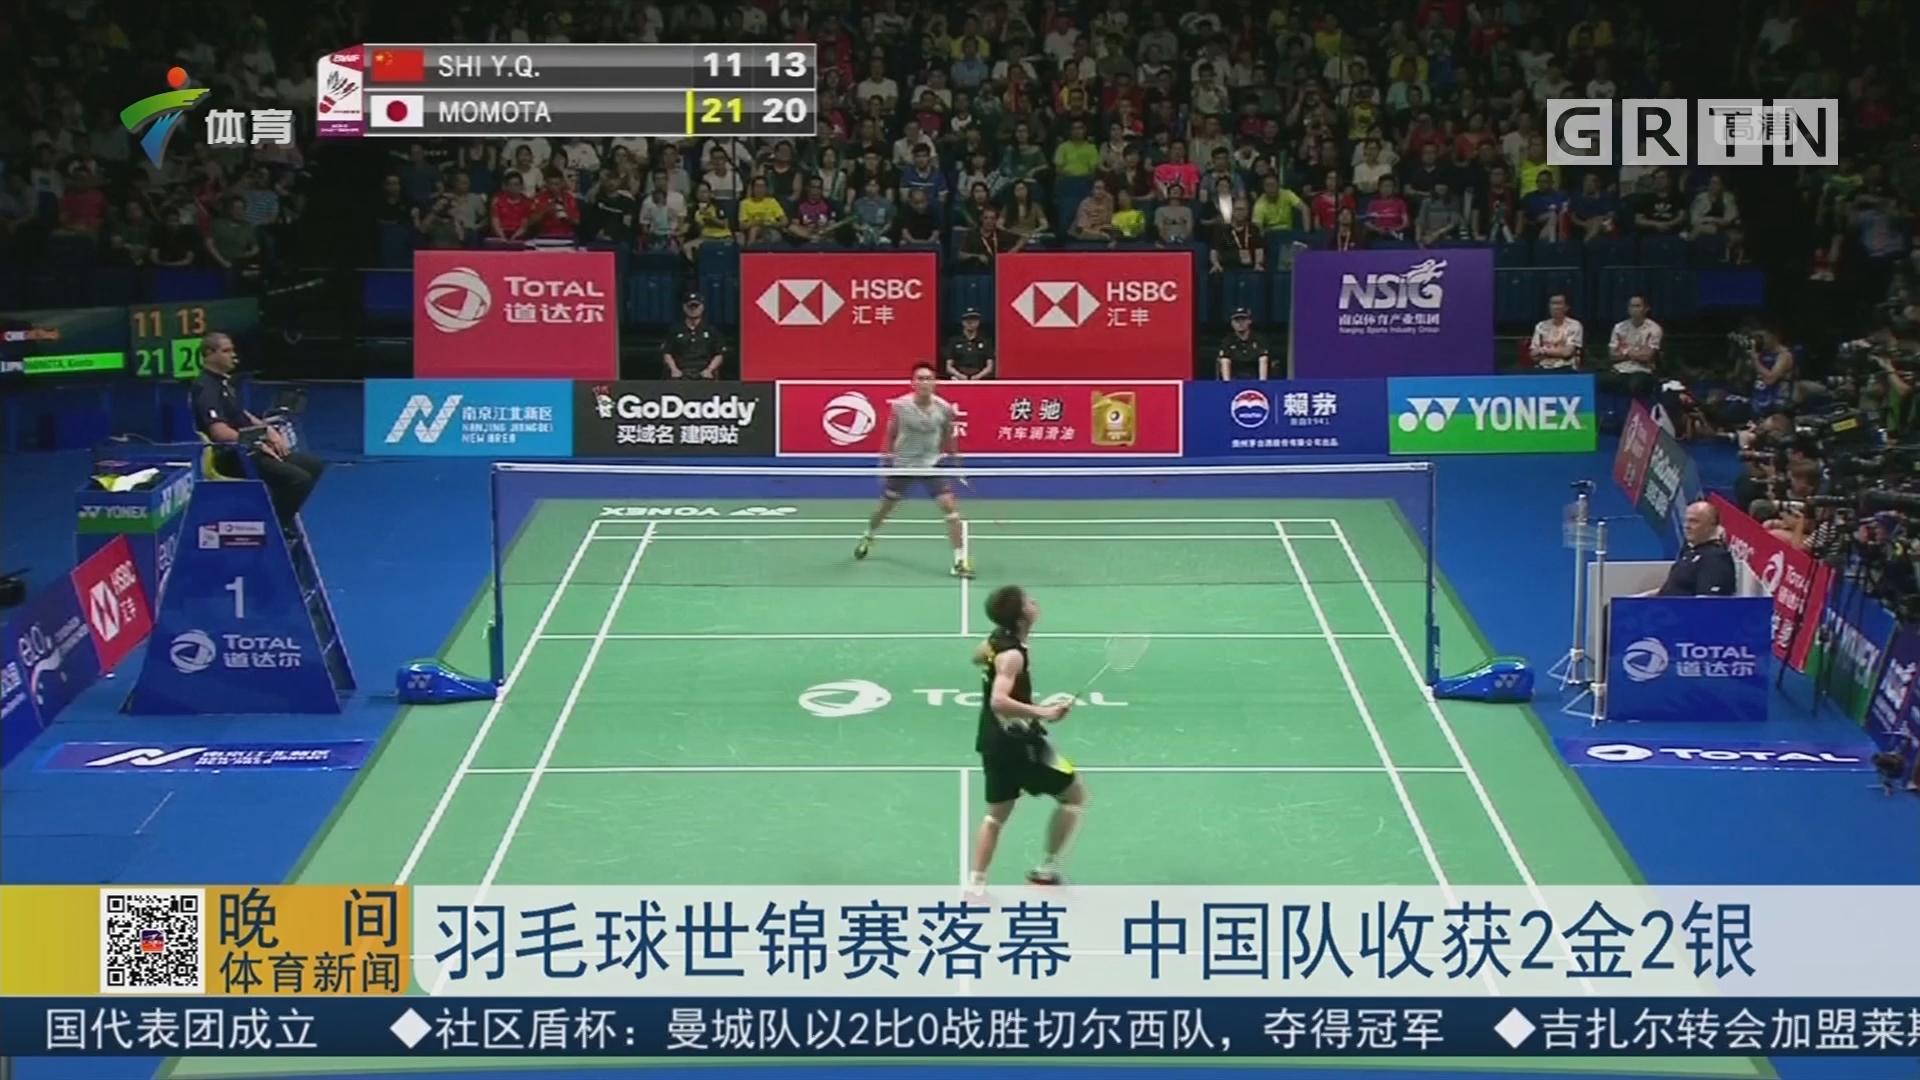 羽毛球世錦賽落幕 中國隊收獲2金2銀